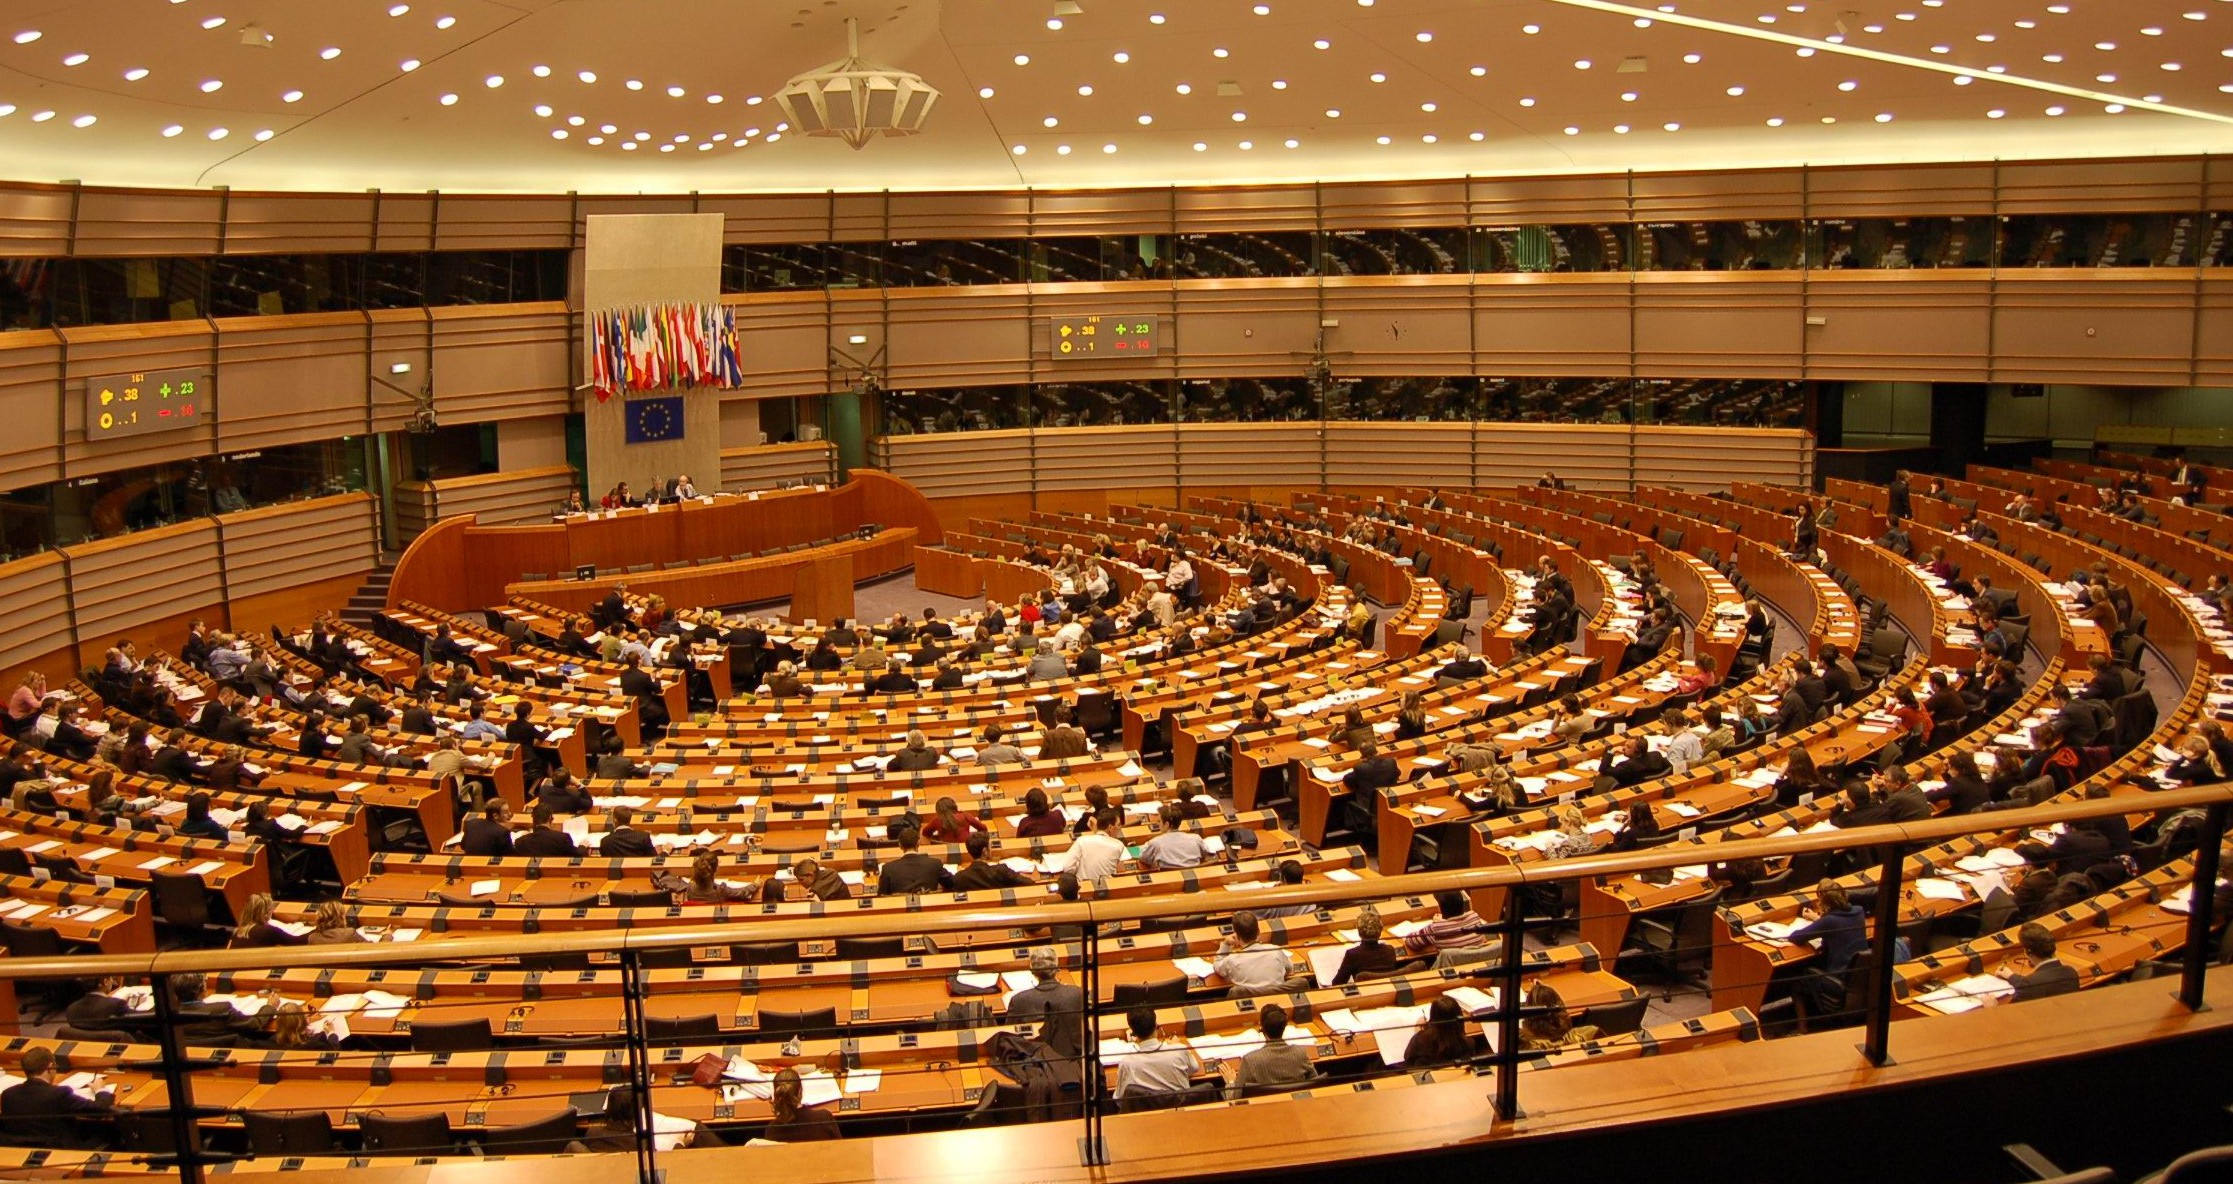 La relazione del Parlamento europeo chiede di rivedere le relazioni con la Russia